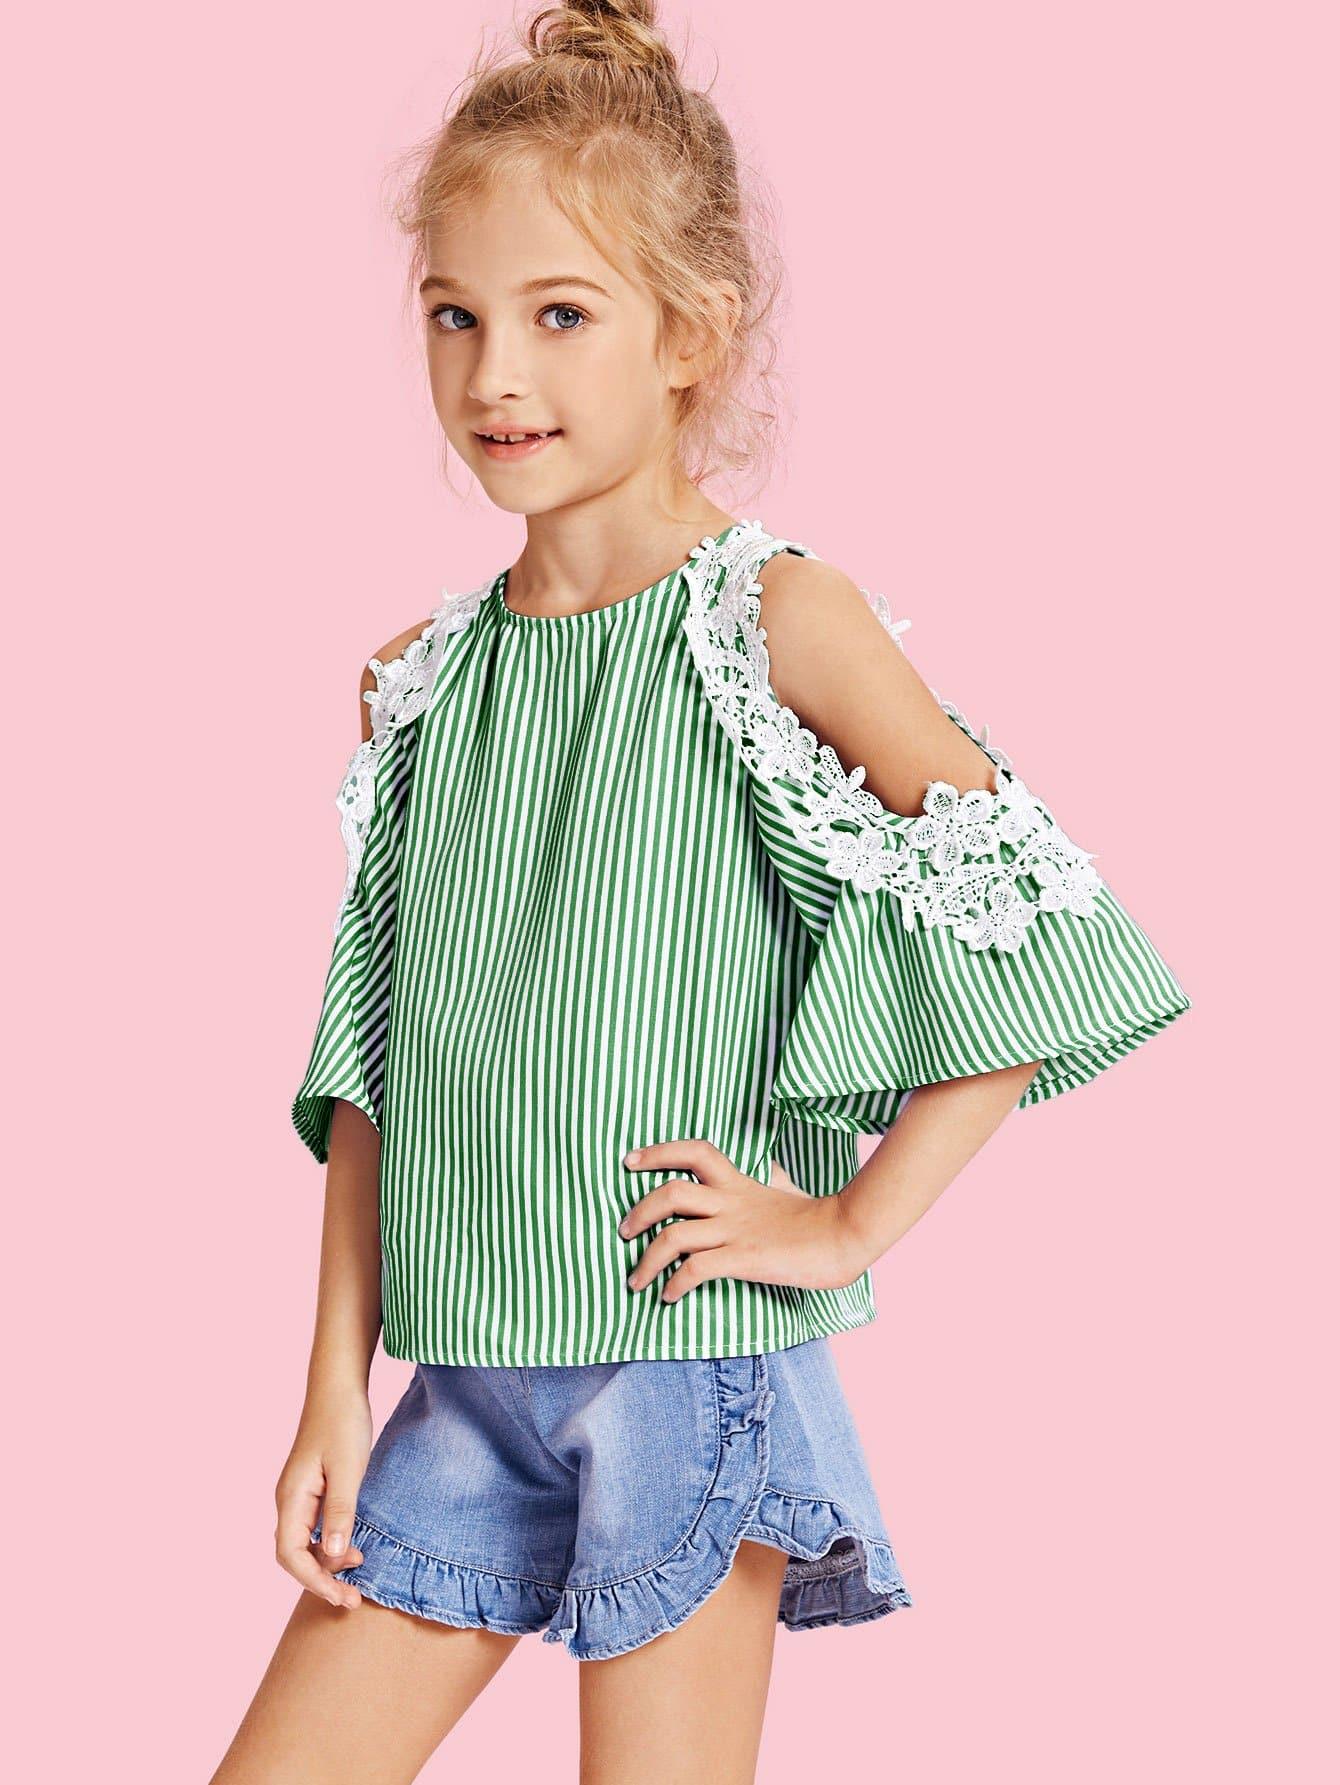 Купить Кружевная тонкая полосатая блузка с открытыми плечами для девочки, Kassia, SheIn